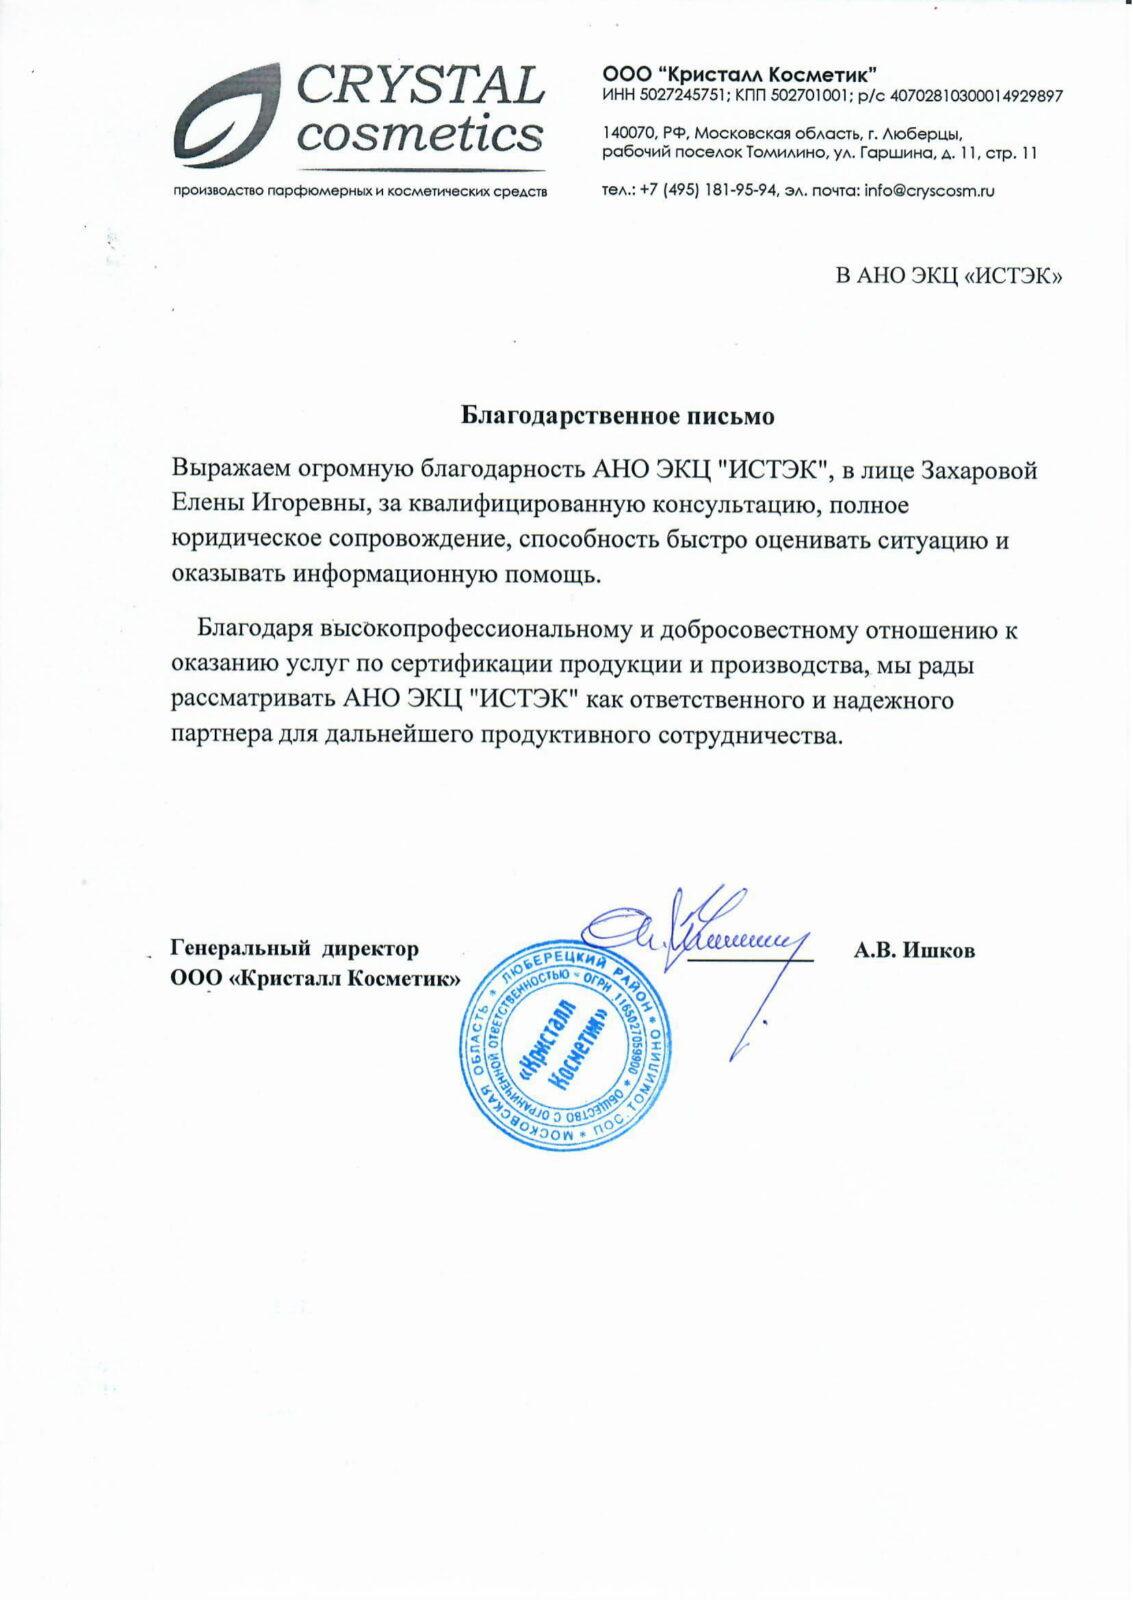 Сертификат ТР ТС - Отзыв АНО ЭКЦ ИСТЭК от ООО